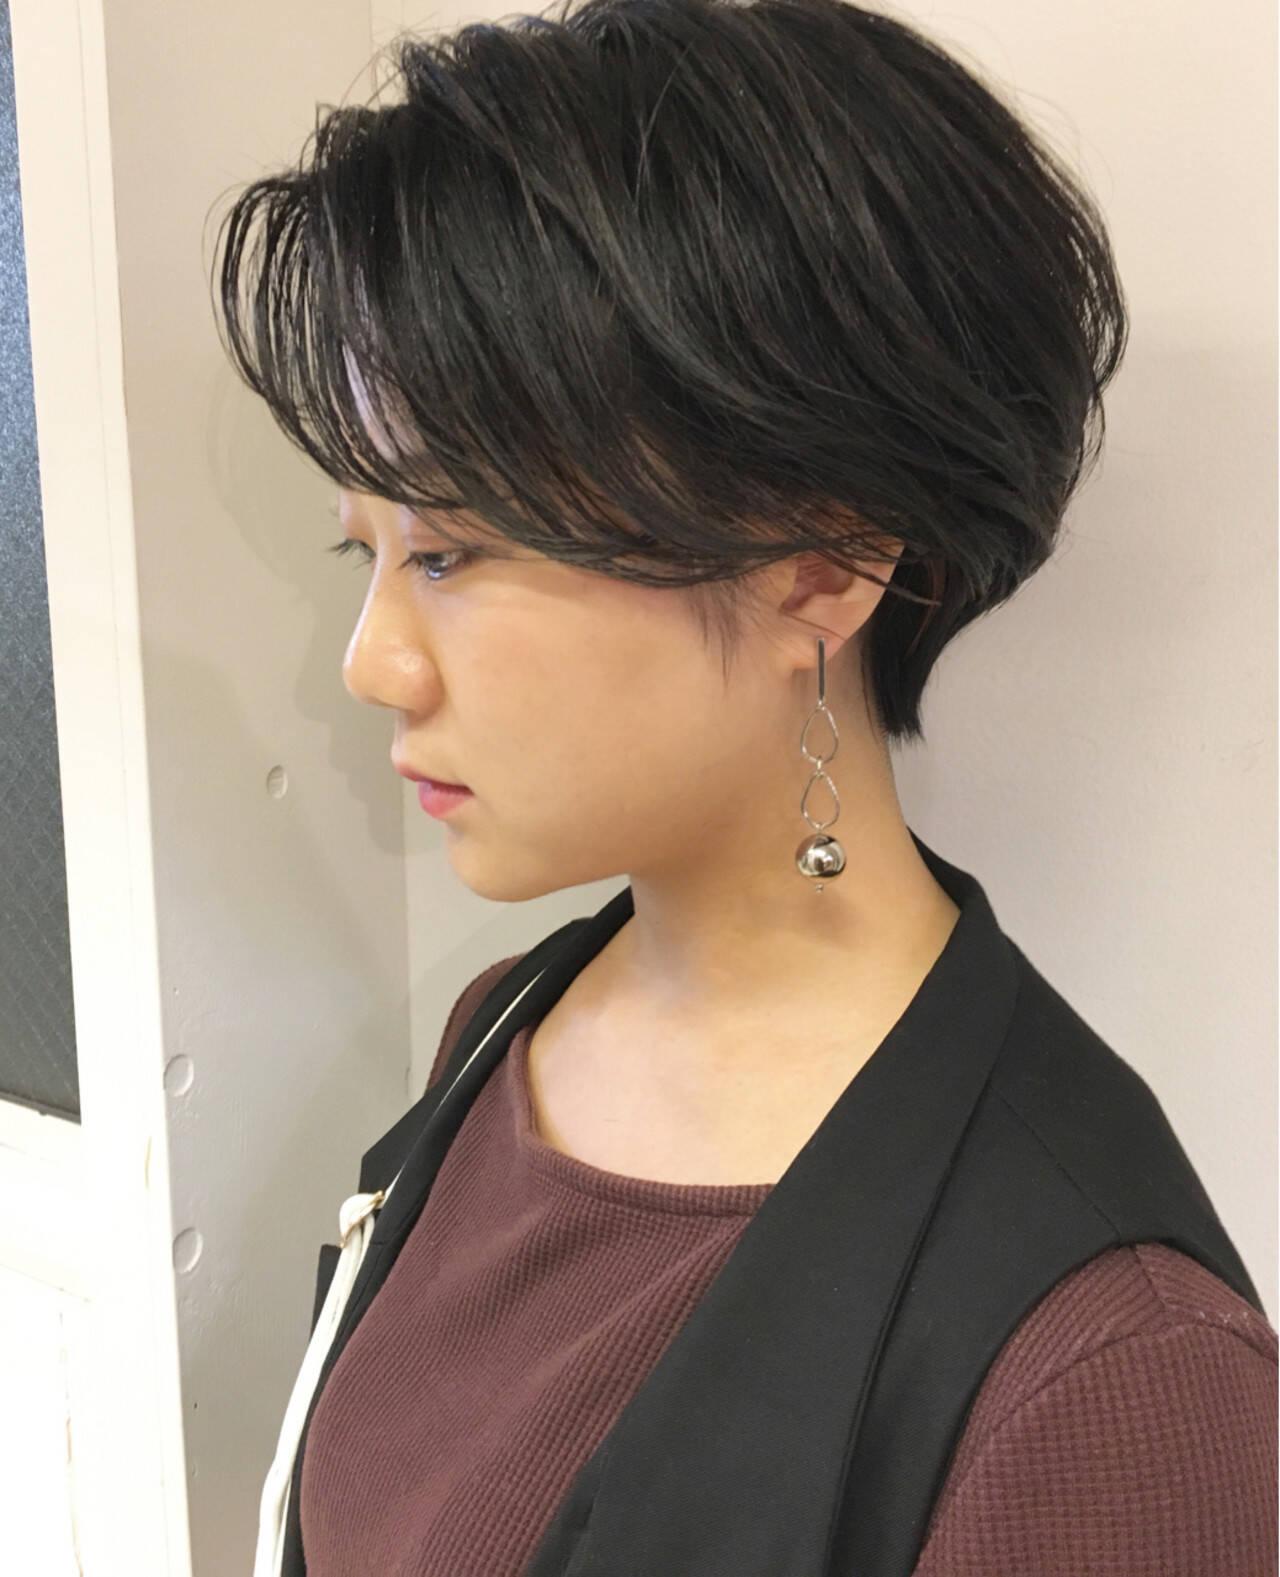 アウトドア ショート 簡単ヘアアレンジ オフィスヘアスタイルや髪型の写真・画像